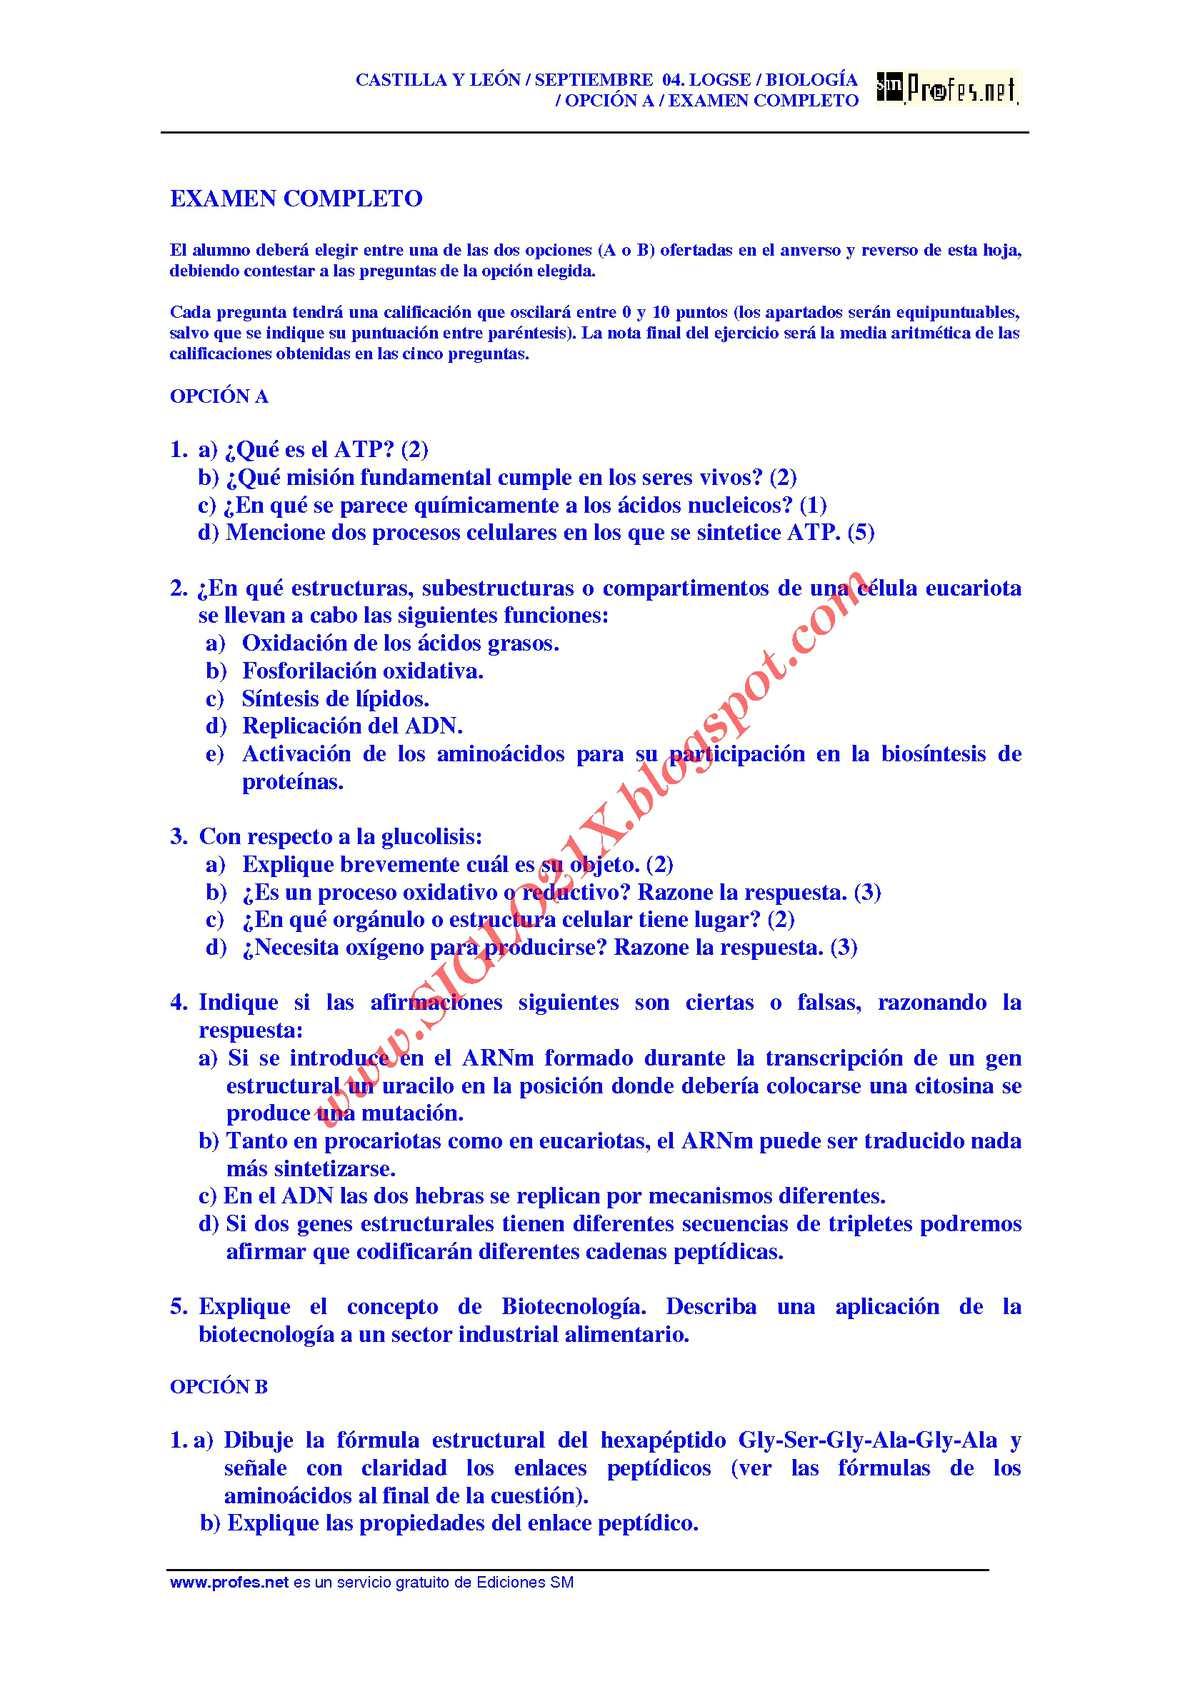 Calaméo - BIOLOGIA-SELECTIVIDAD-EXAMEN 2 RESUELTO-CASTILLA Y LEON ...